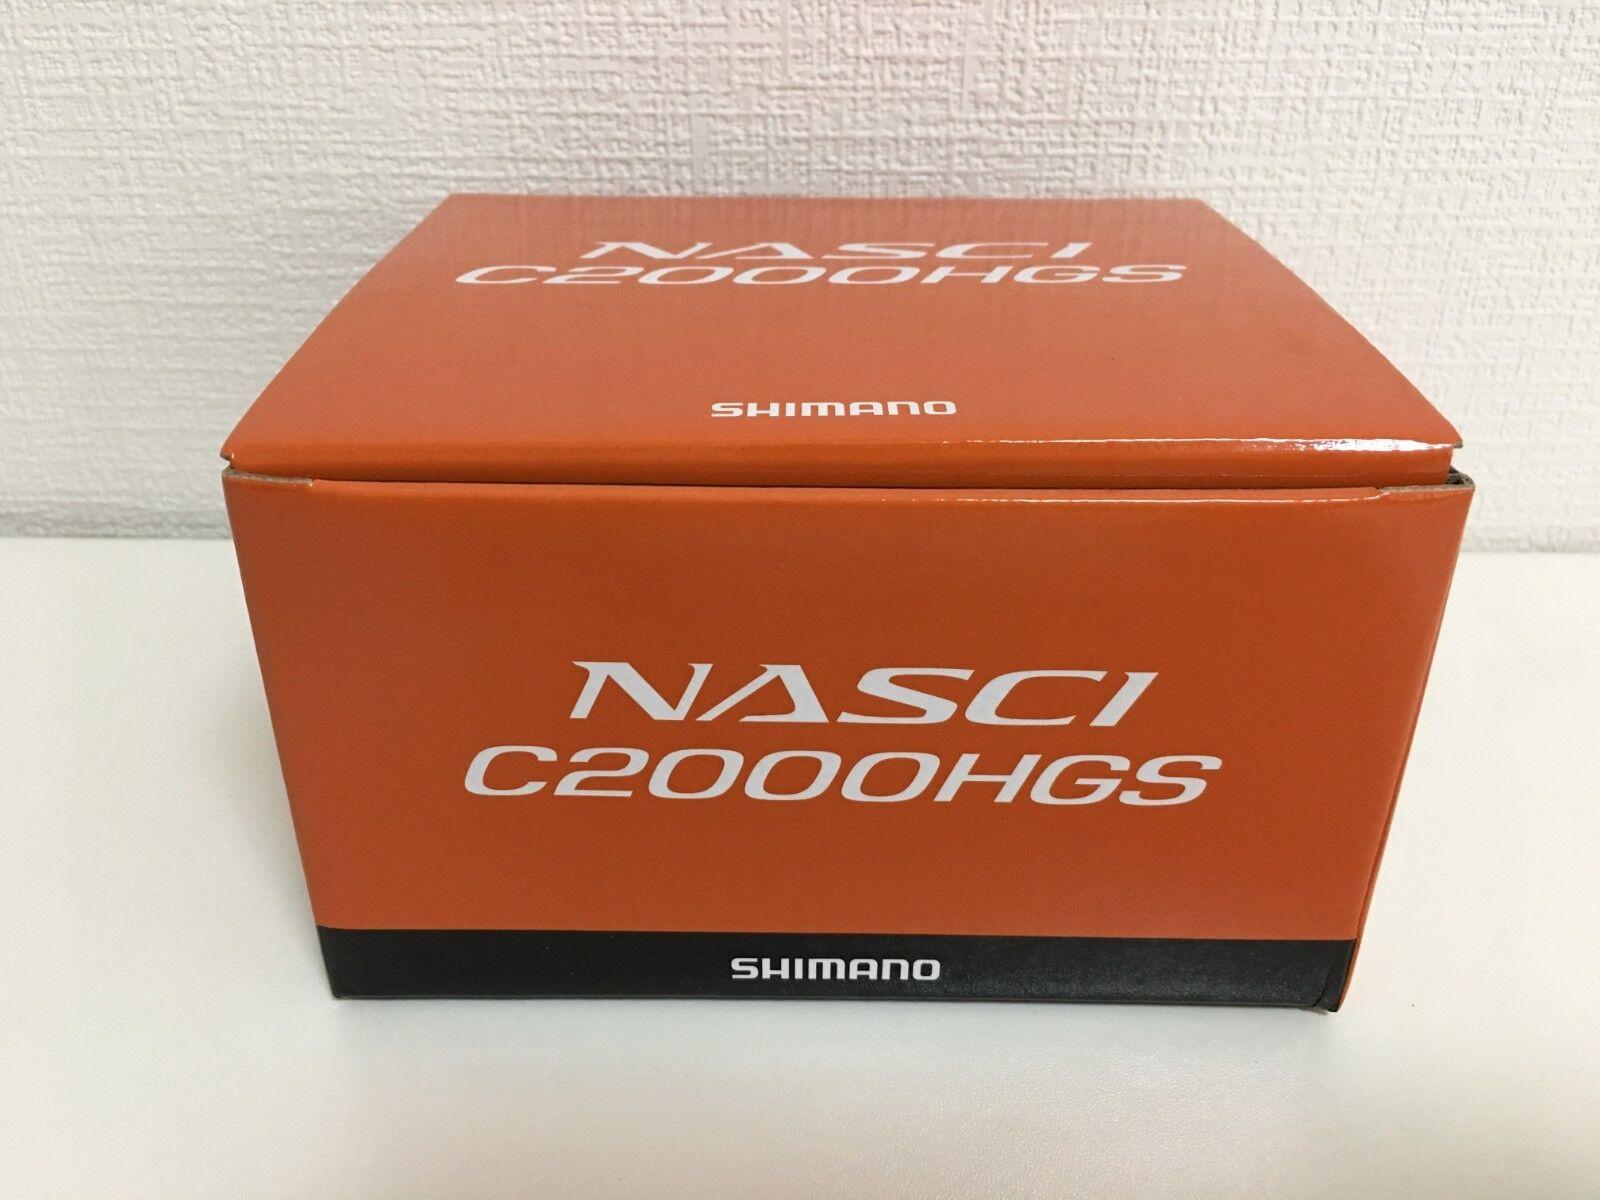 Shimano Cocherete 16 Nasci C2000HGS Japón Importación